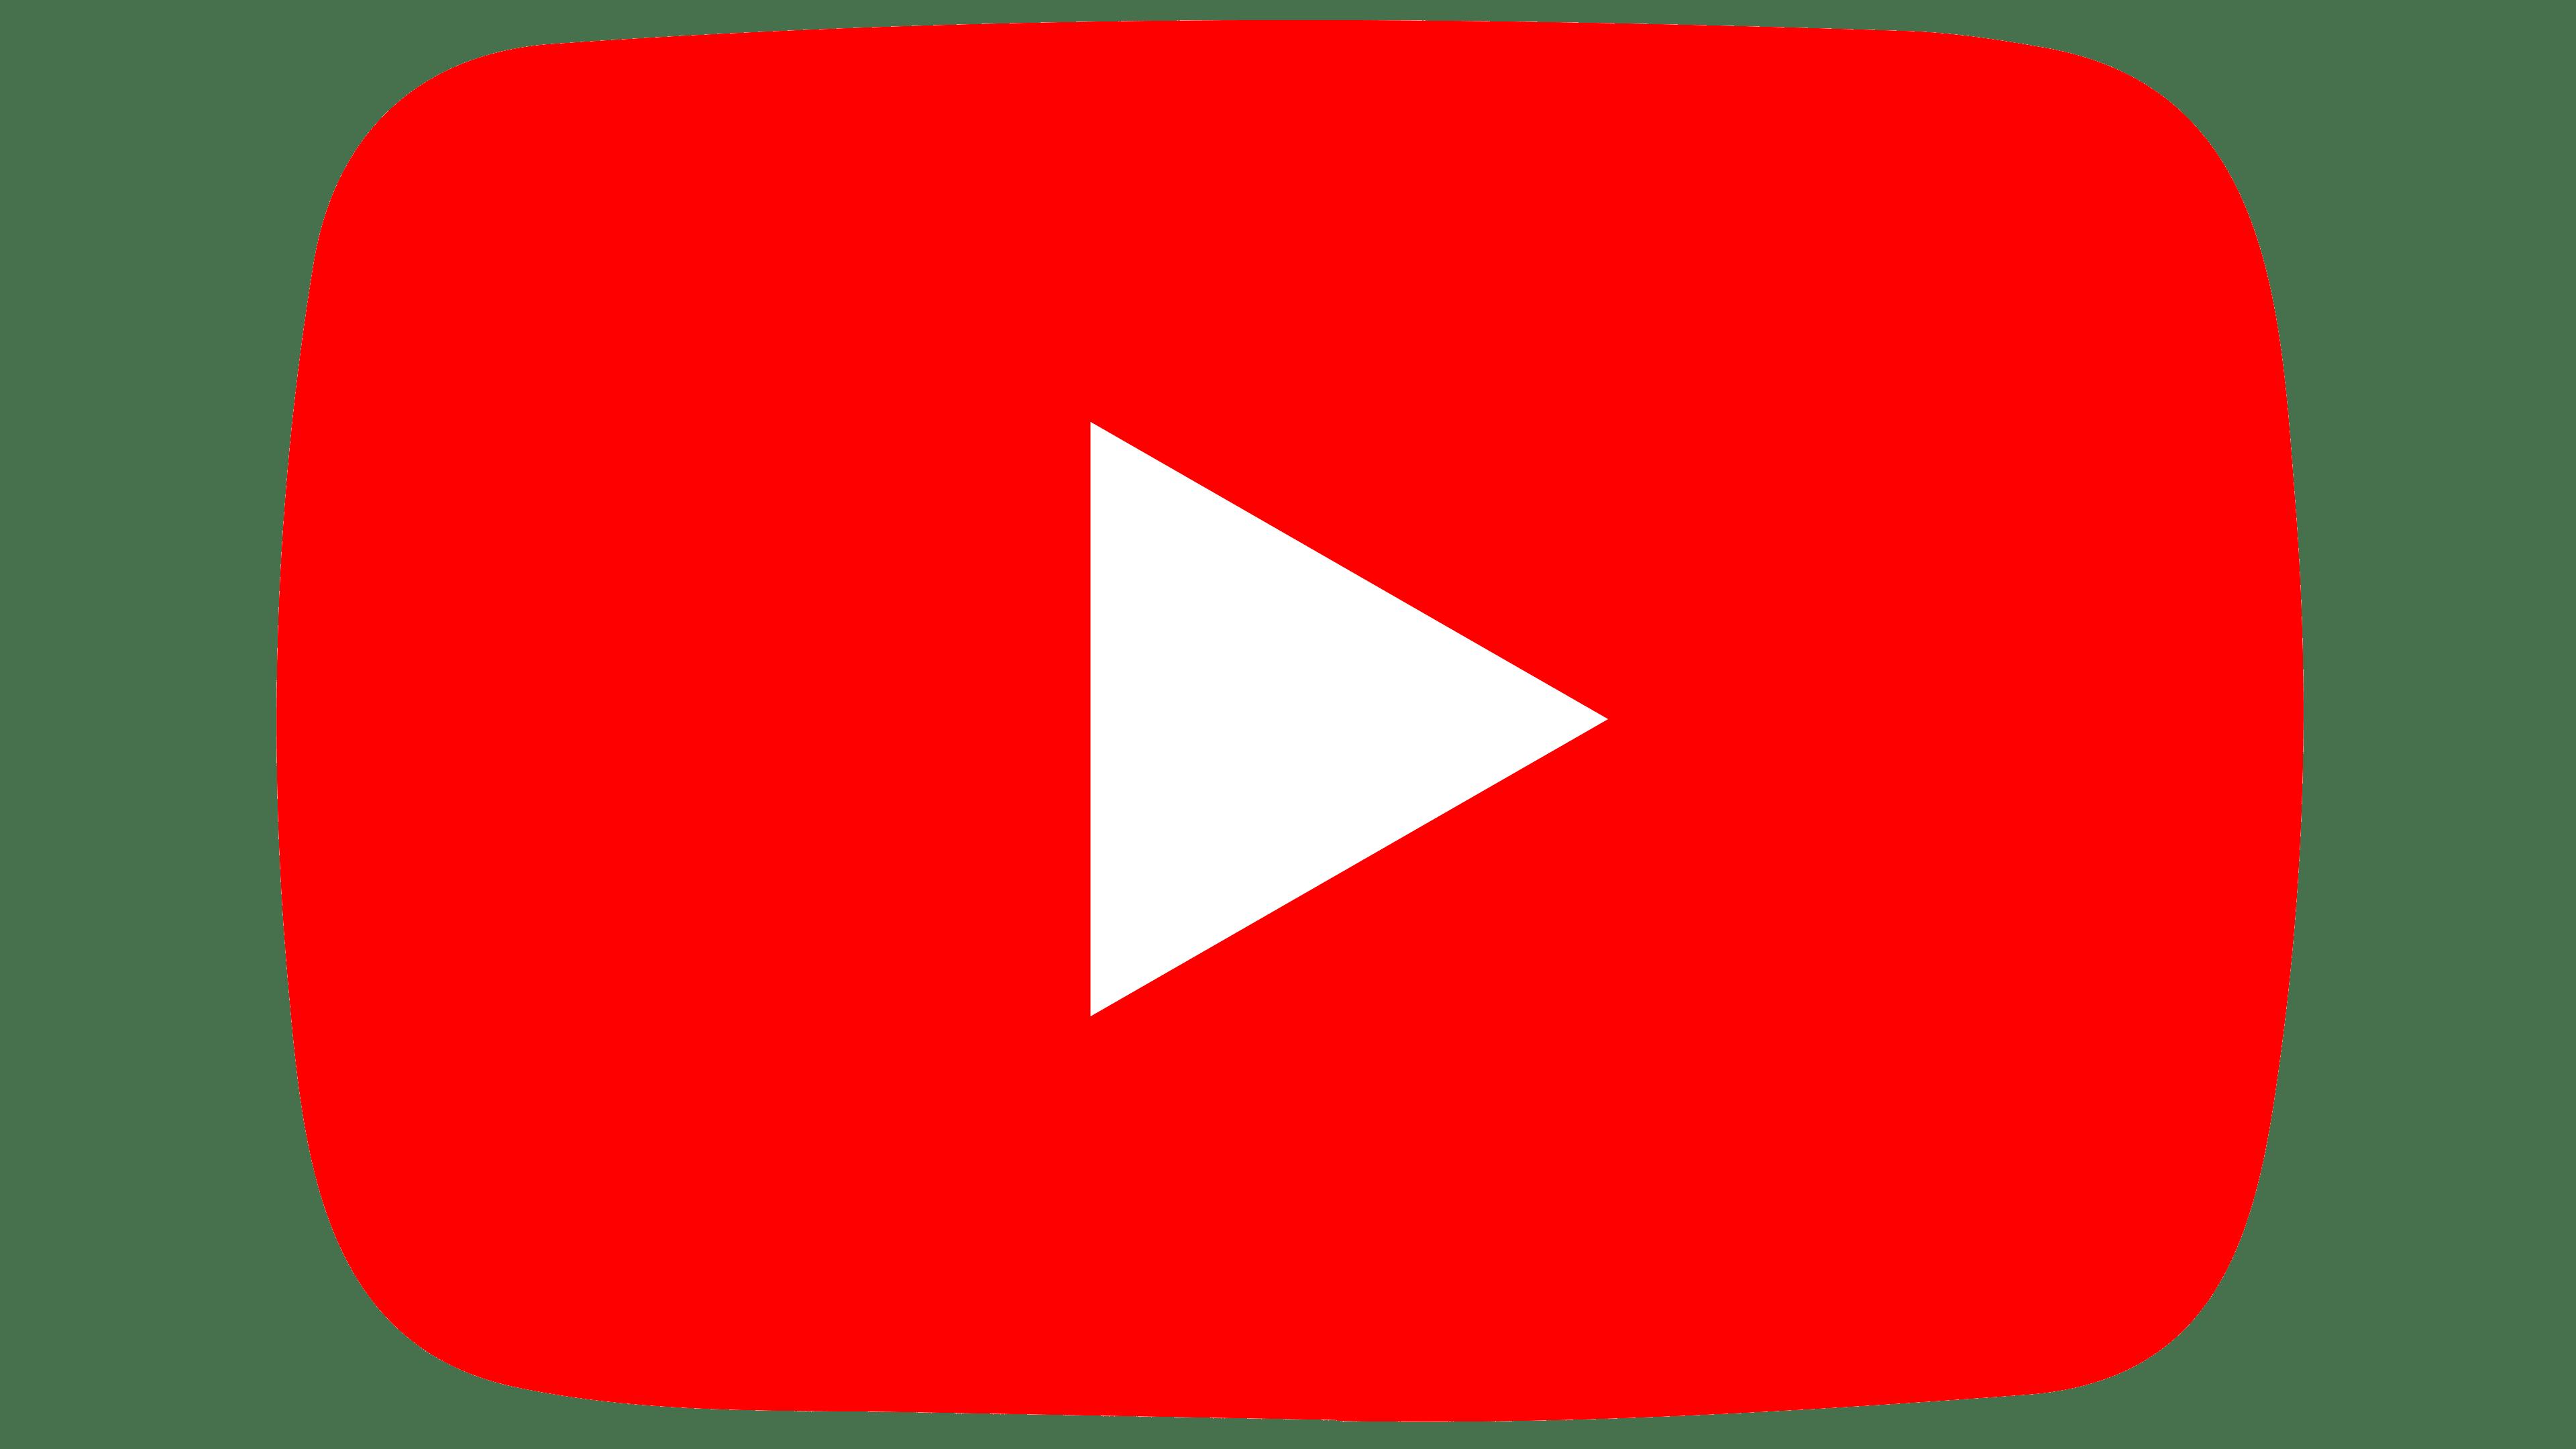 Feuerwehr Rudolstadt bei YouTube